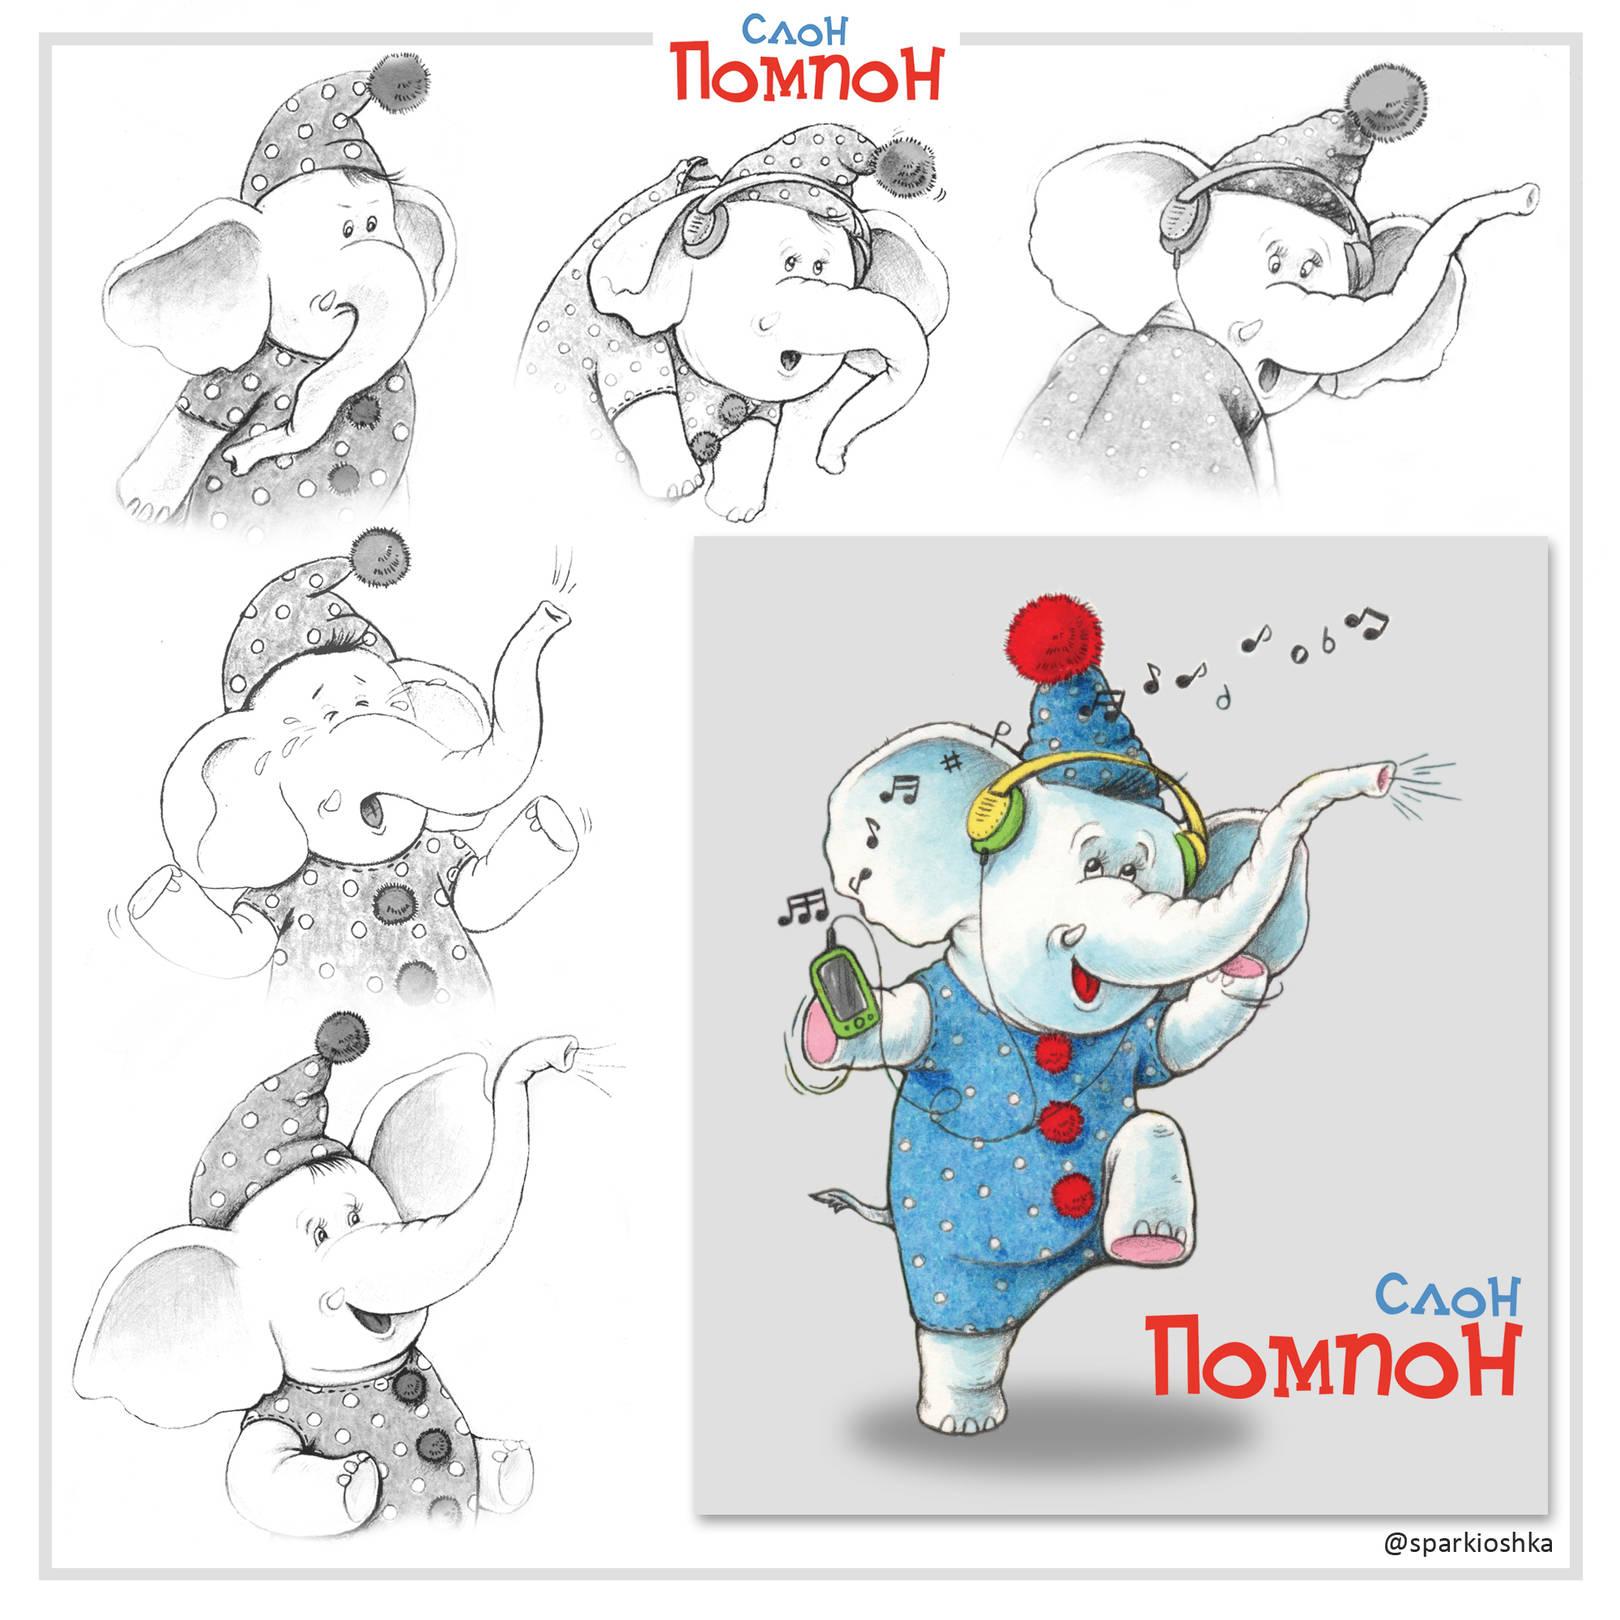 Слон Помпон